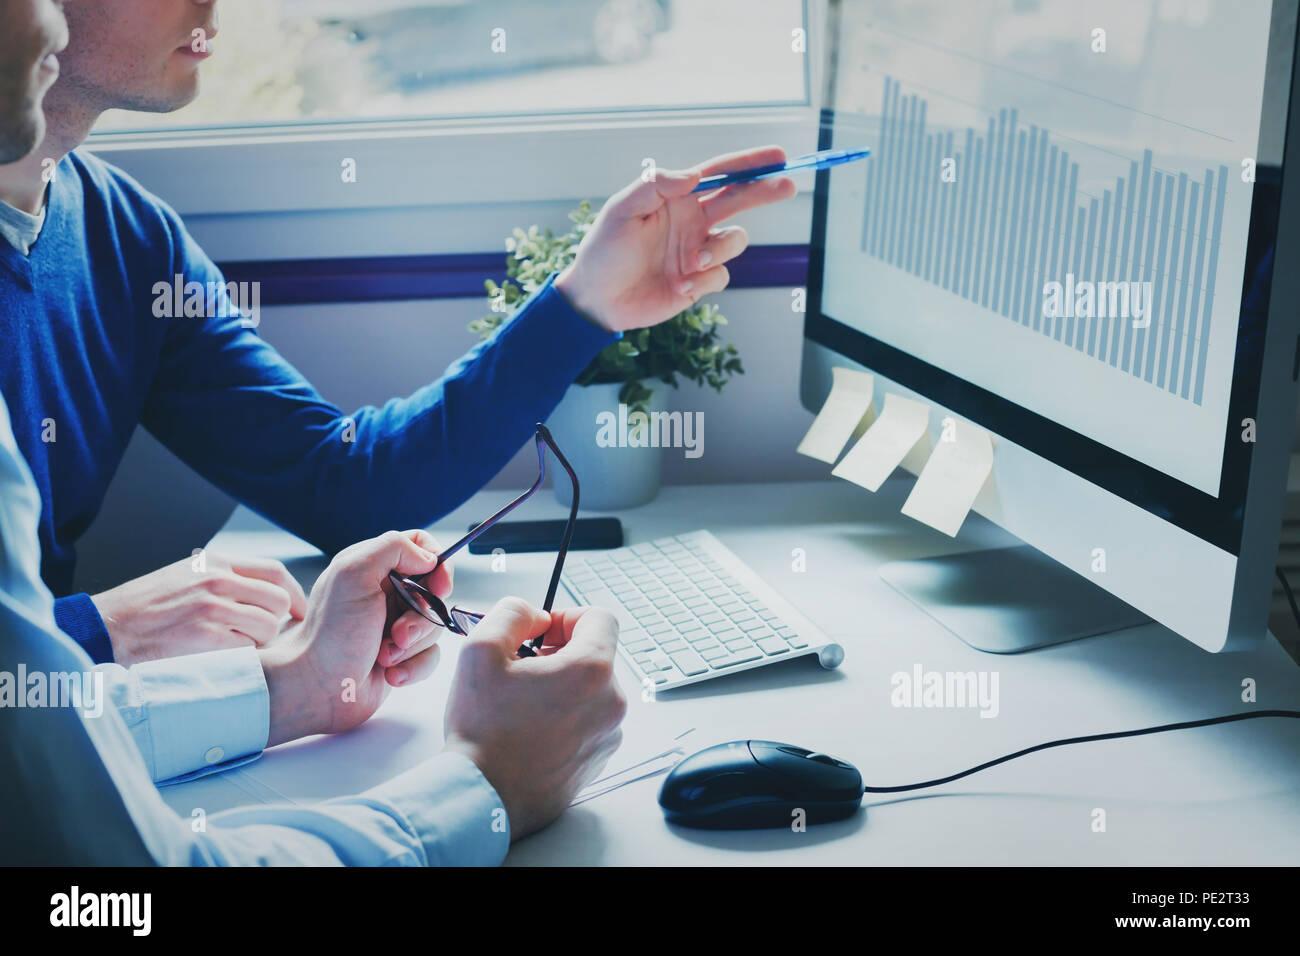 Grupo de jóvenes empresarios compañeros mirando juntos en equipo, el trabajo en equipo en el nuevo proyecto de inicio en la oficina moderna, concepto de lluvia de ideas Imagen De Stock